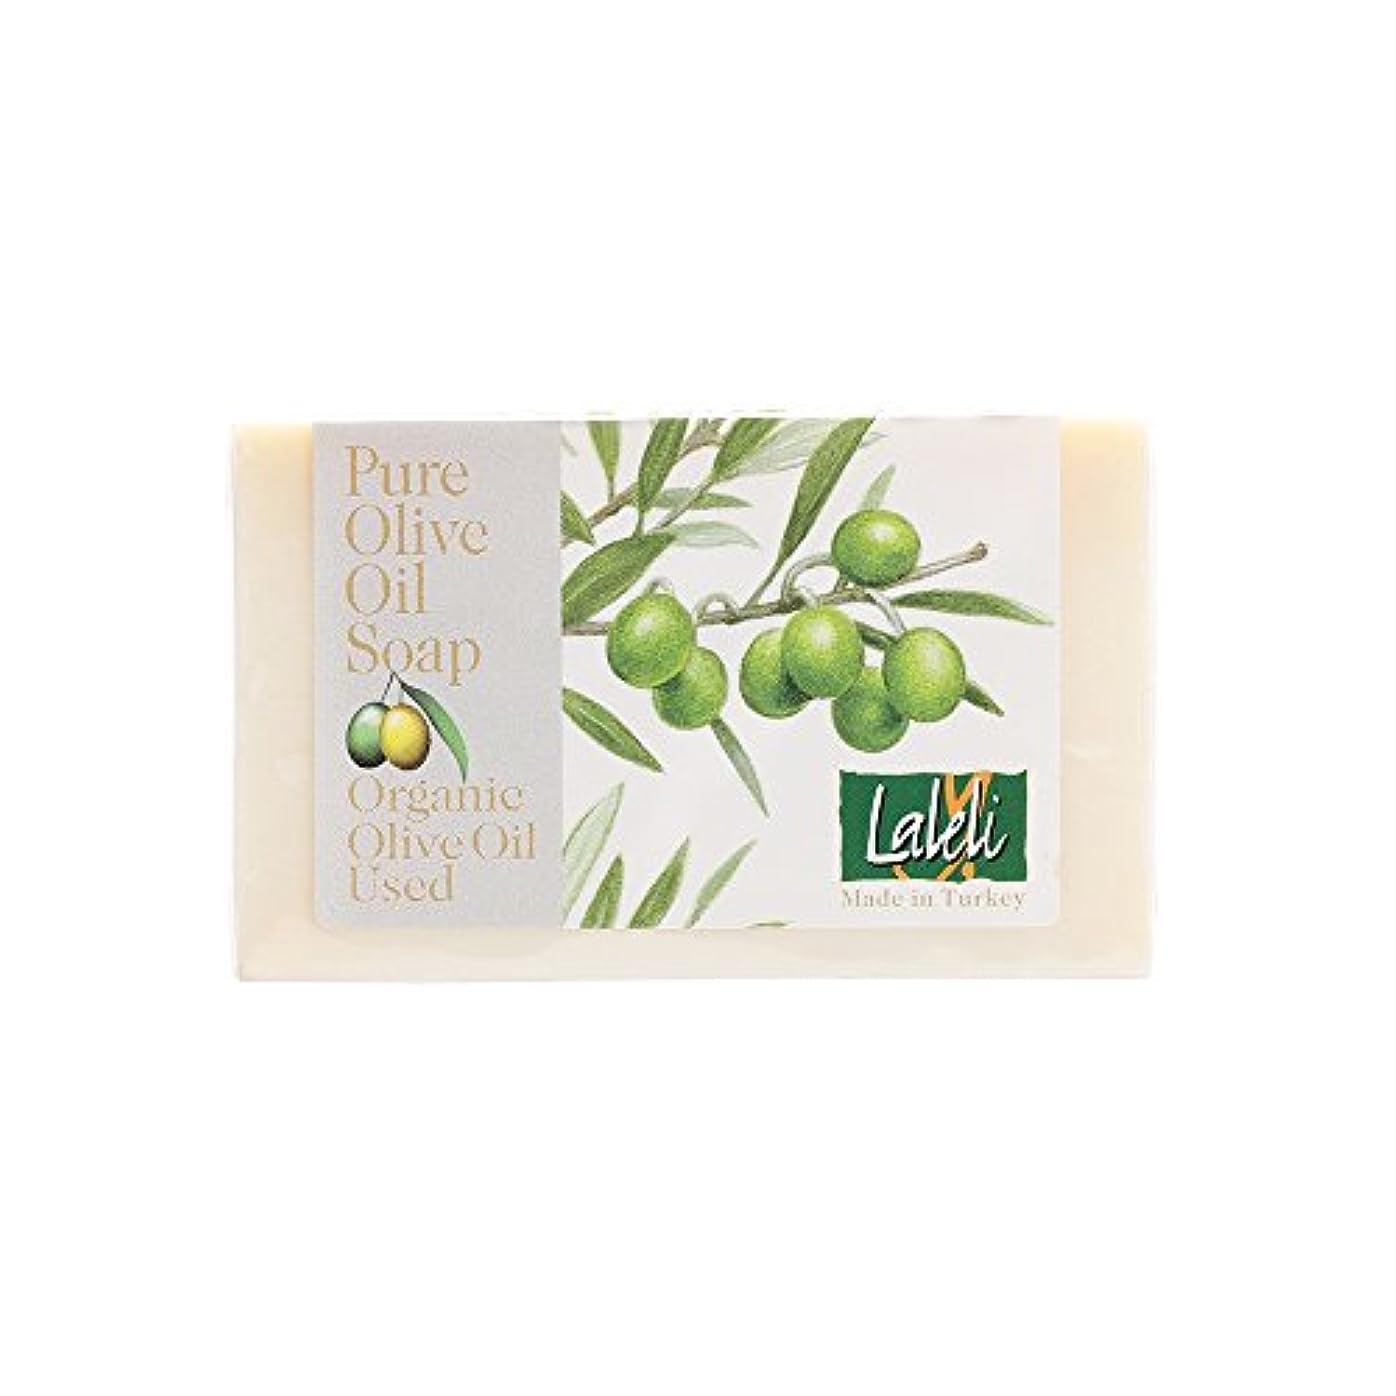 ラーレリ オーガニックオリーブオイルソープ 無香料 120g